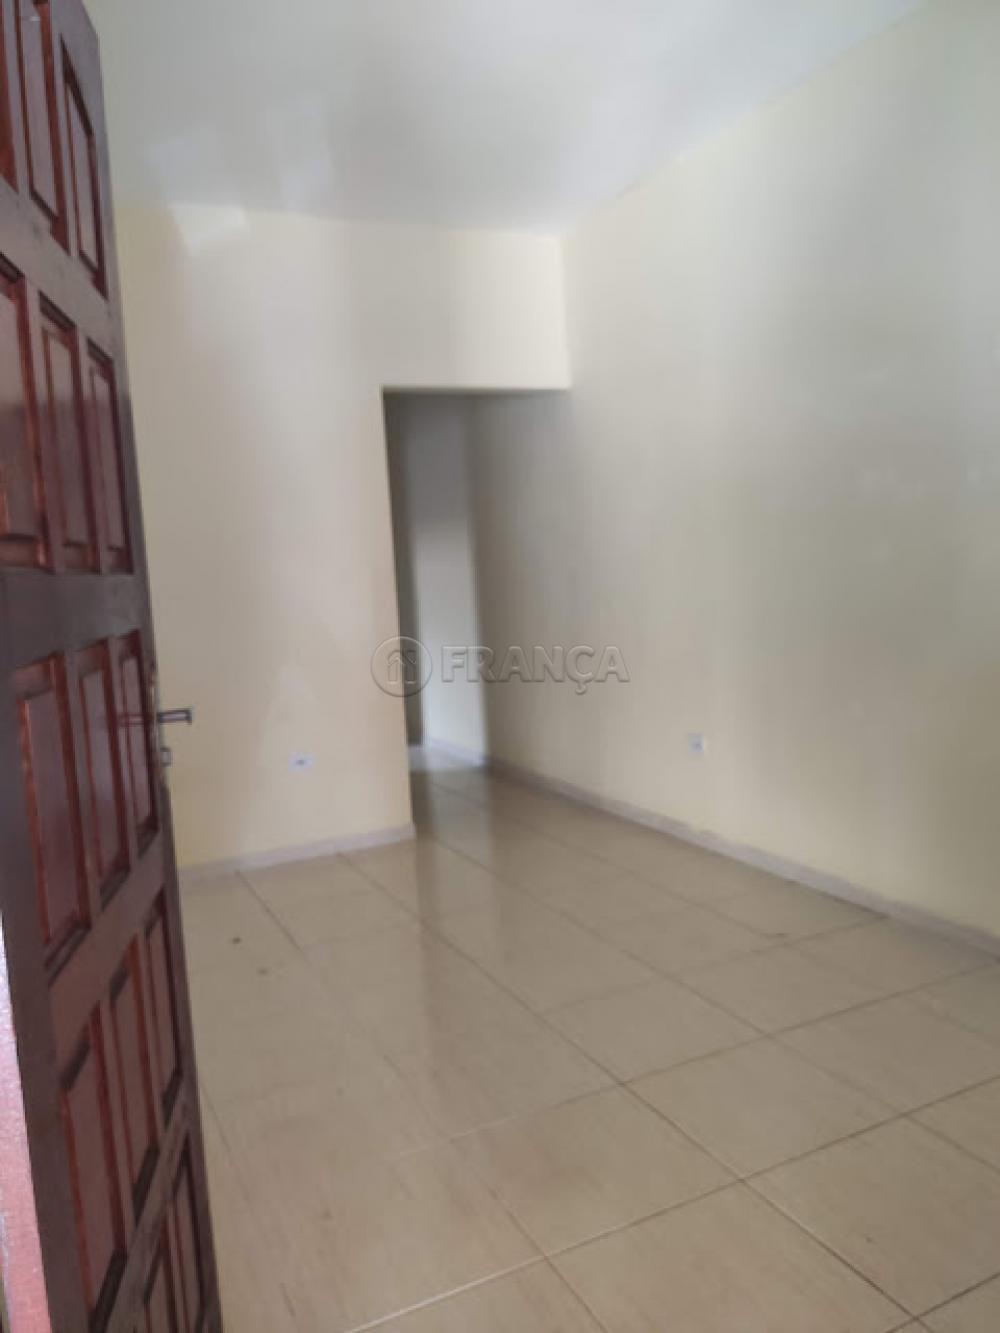 Comprar Casa / Padrão em Jacareí R$ 225.000,00 - Foto 4